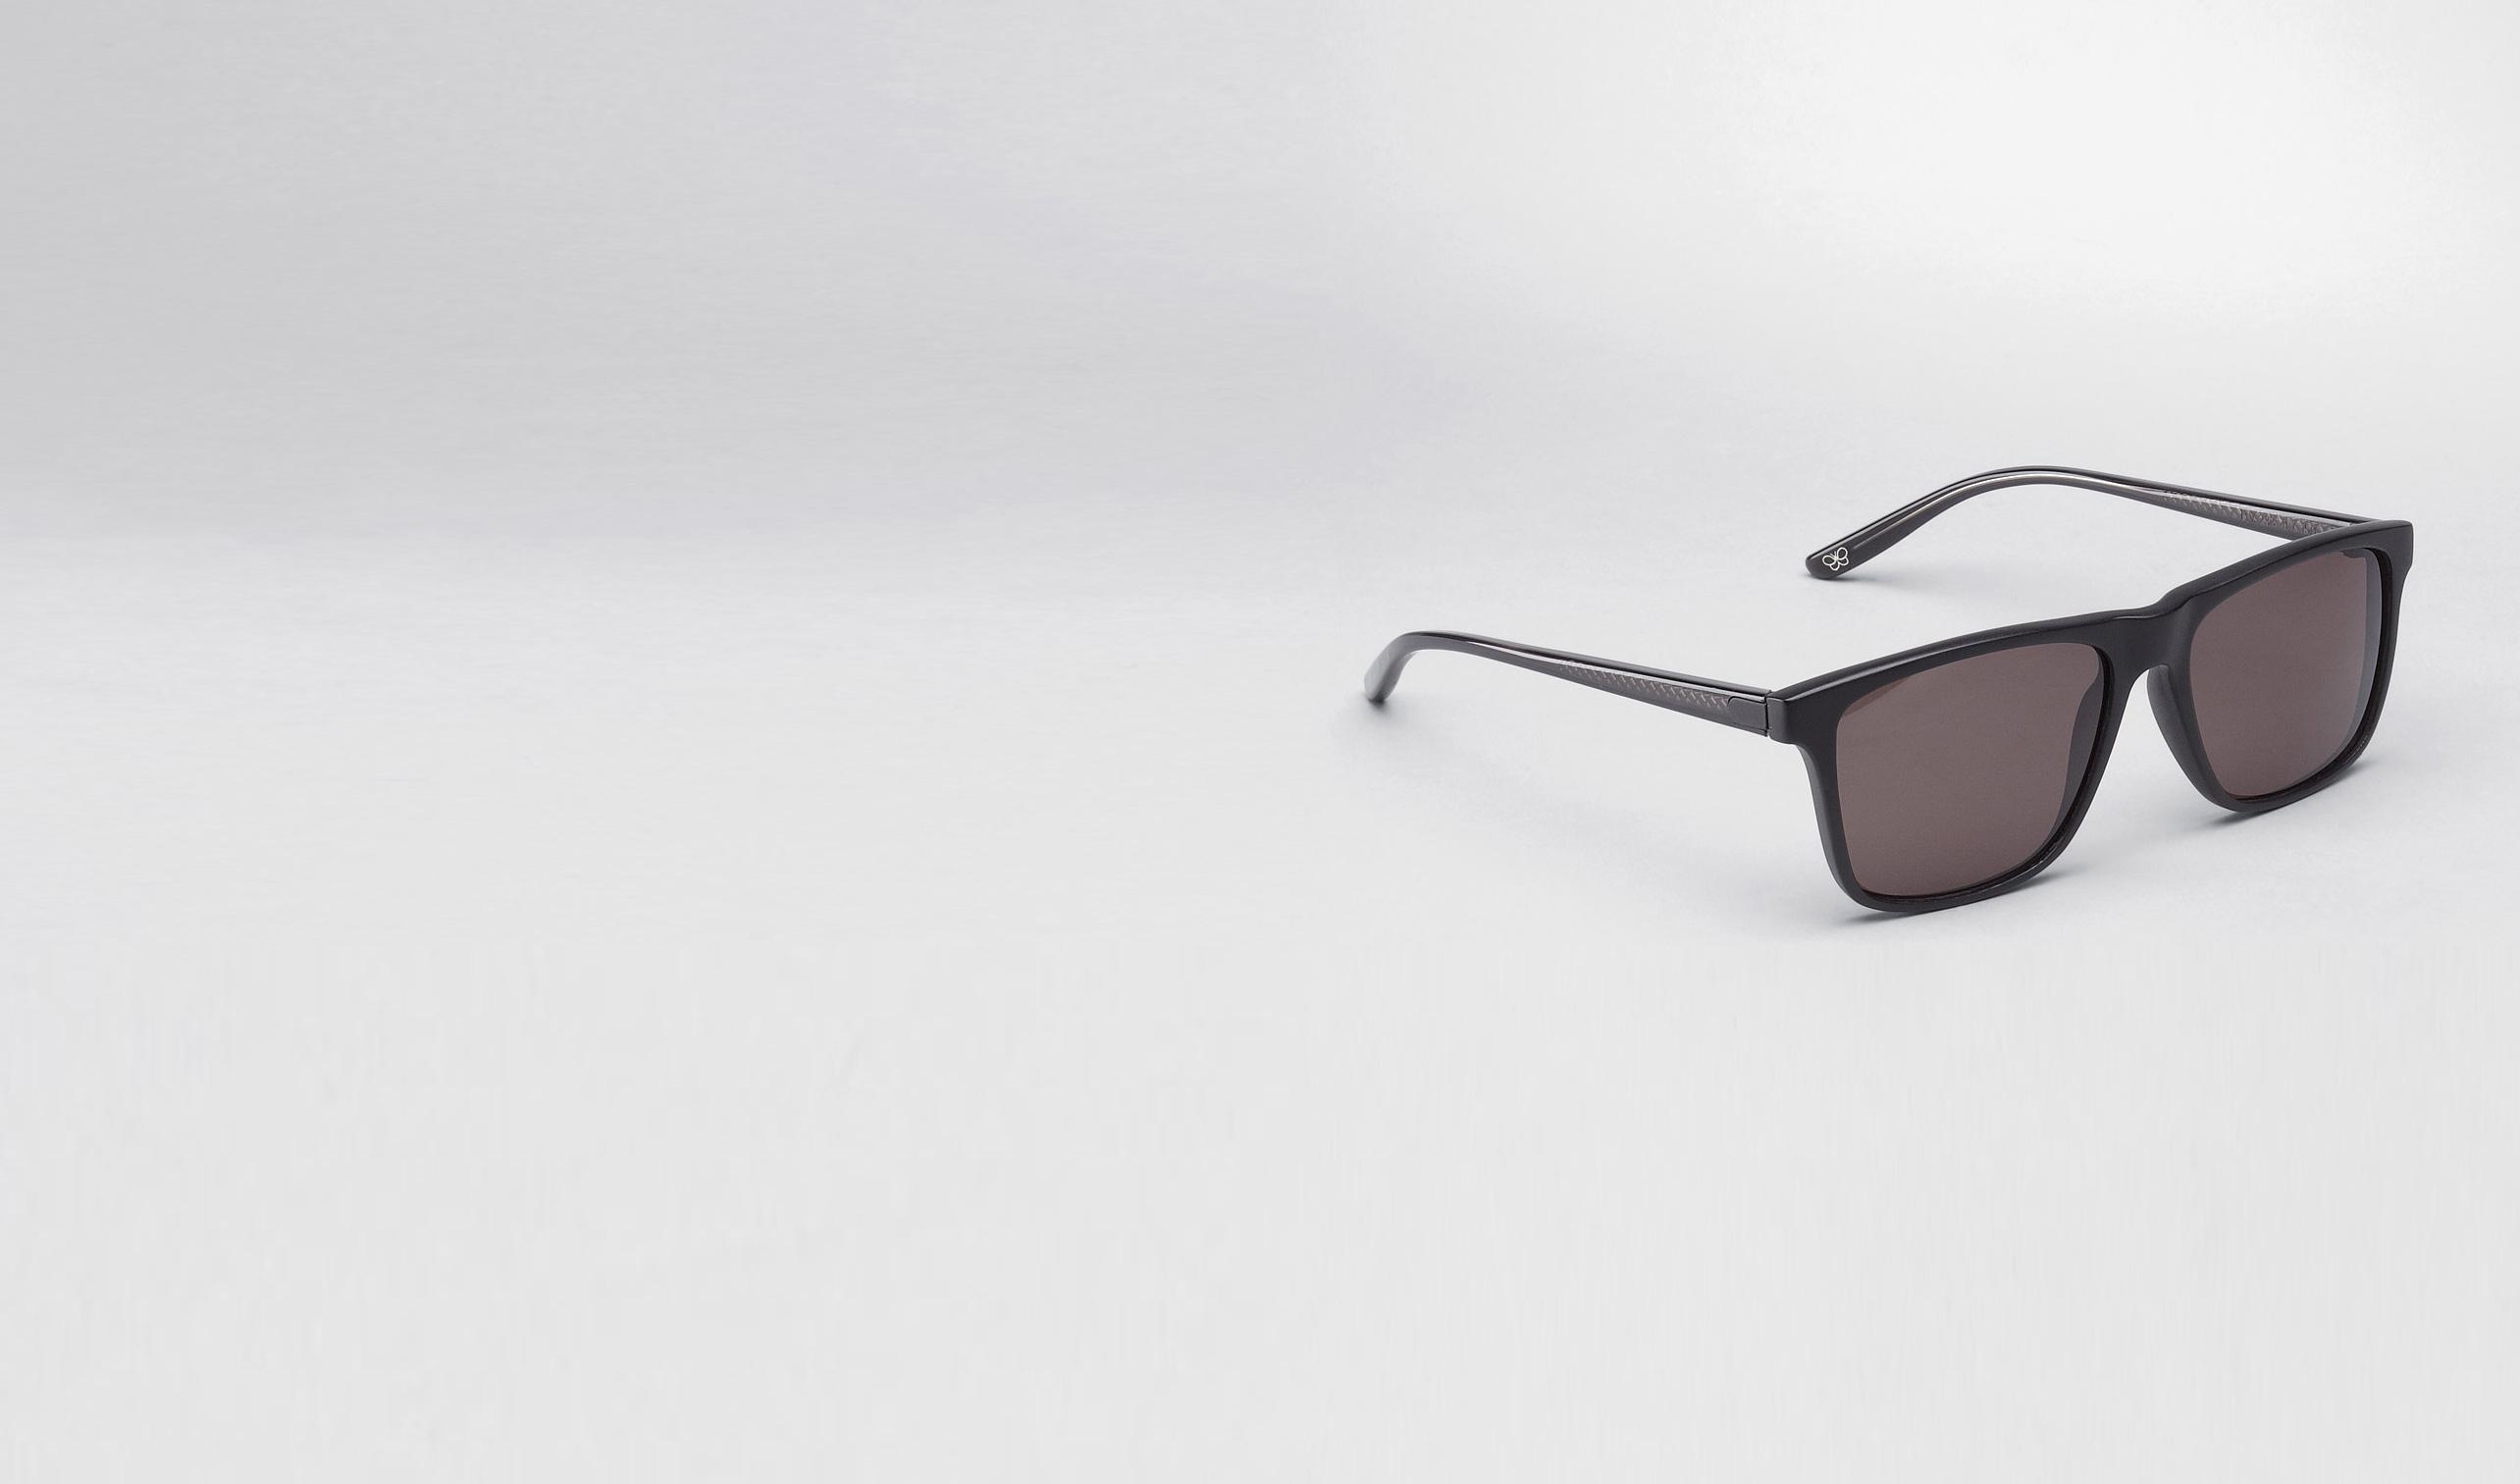 BOTTEGA VENETA Sunglasses E Matte Black Blue Acetate Eyewear BV 249 pl